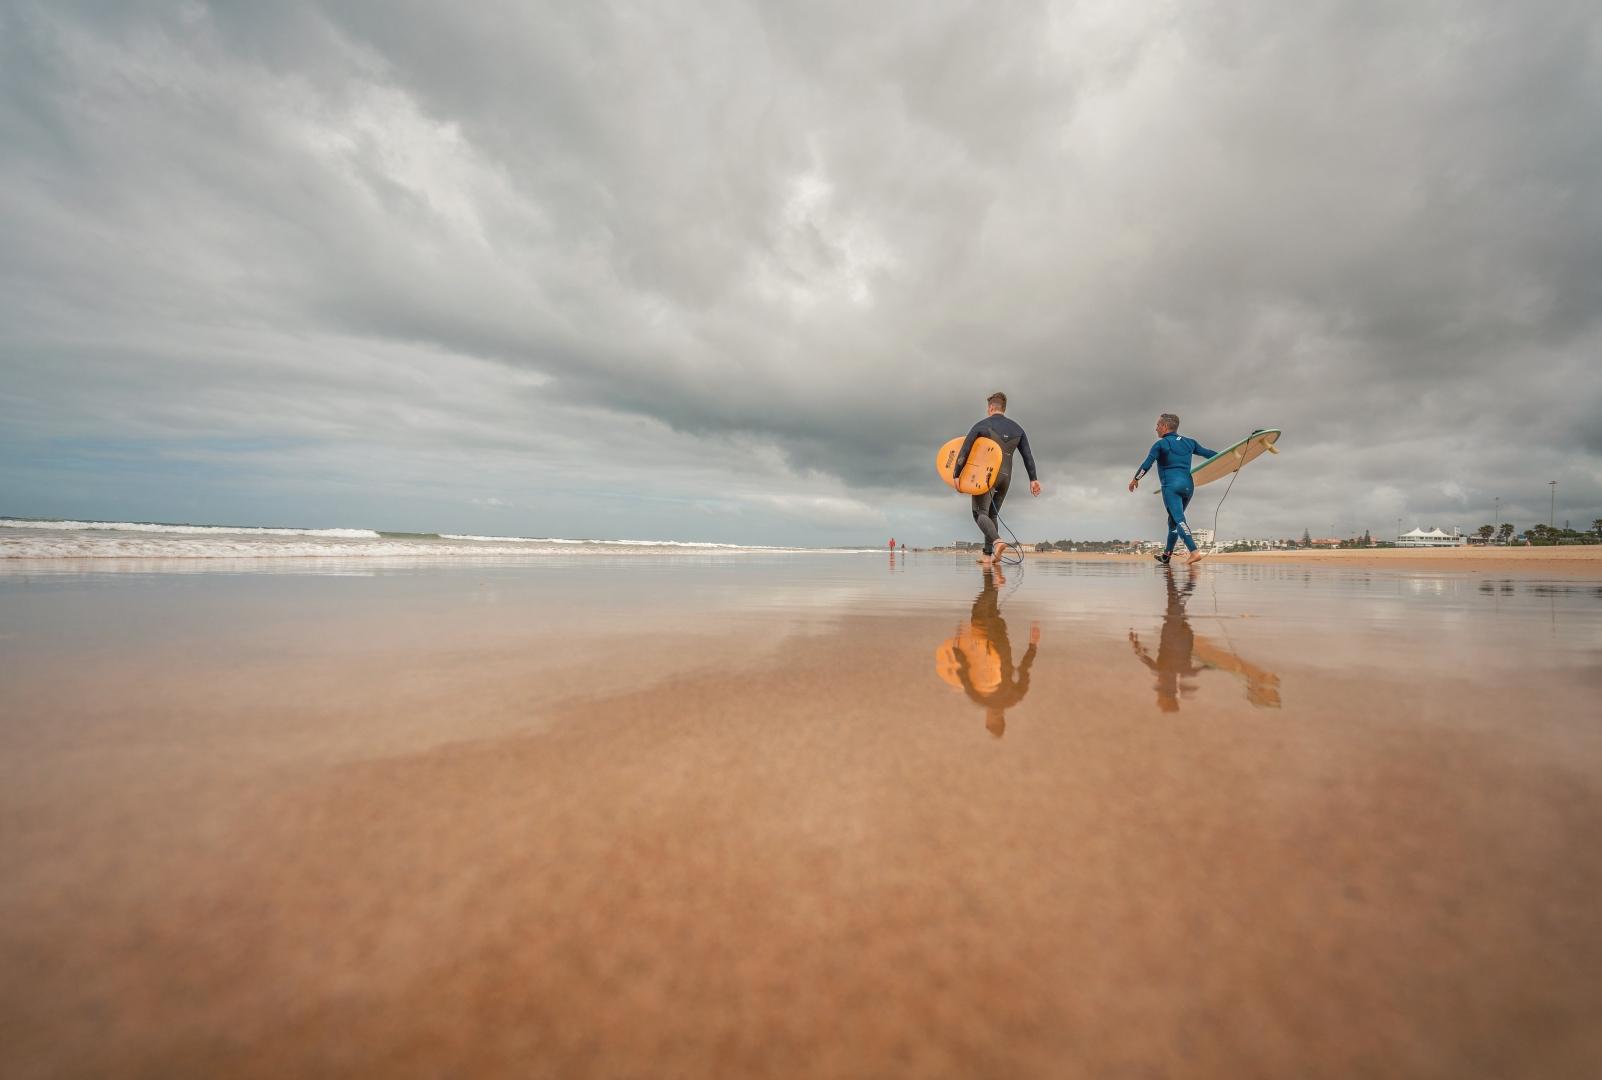 Desporto e Ação/Dia de Surf